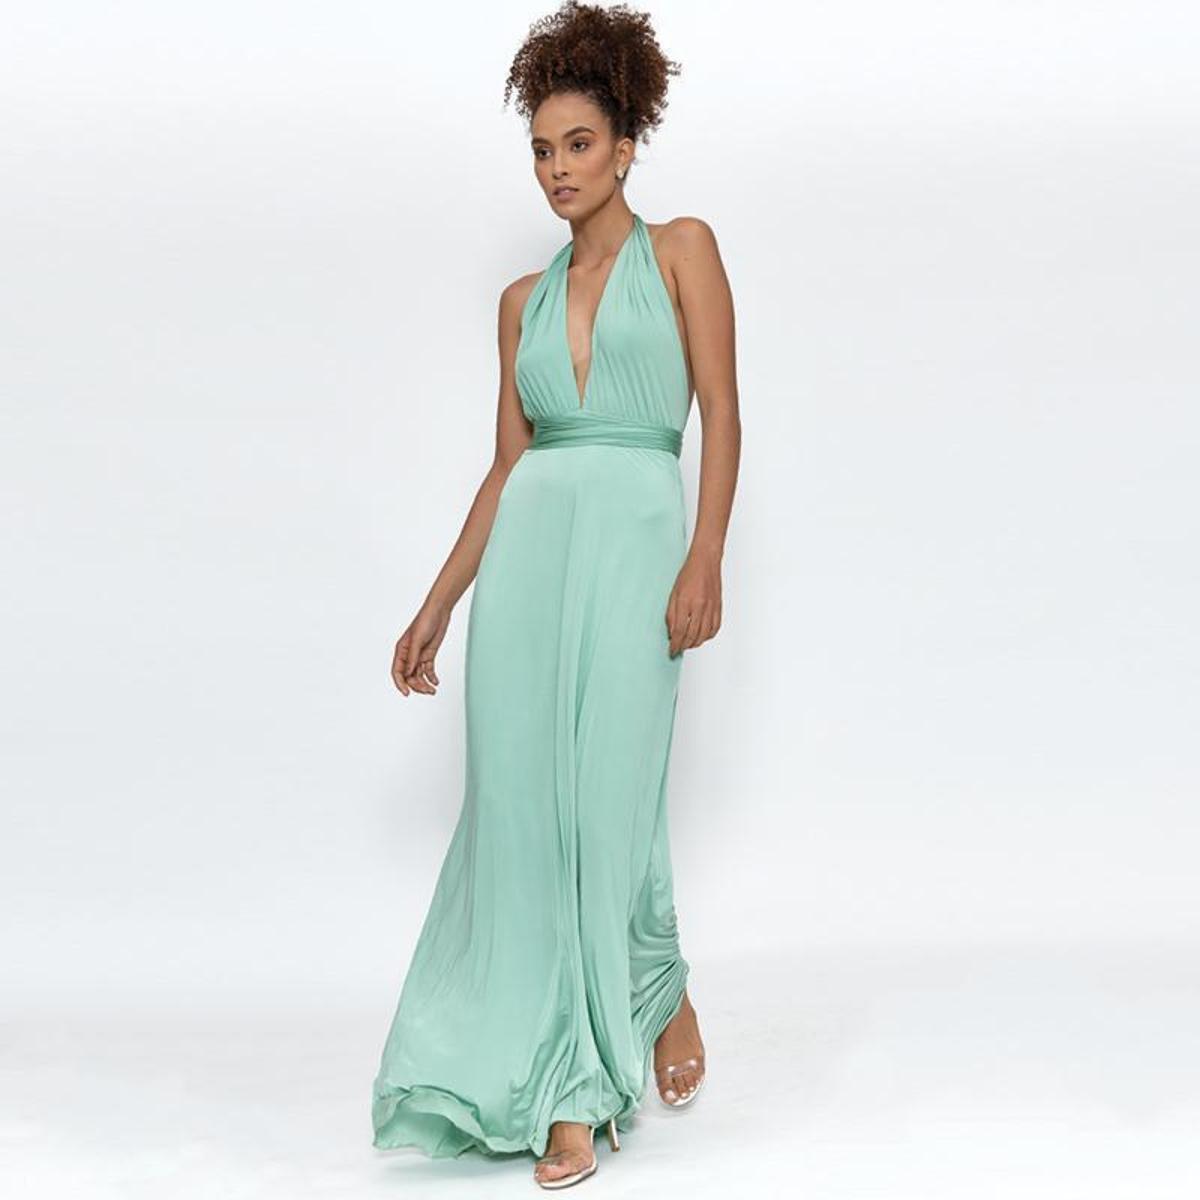 Vestido Longo Frente Única Capadócia Murau Feminino - Verde